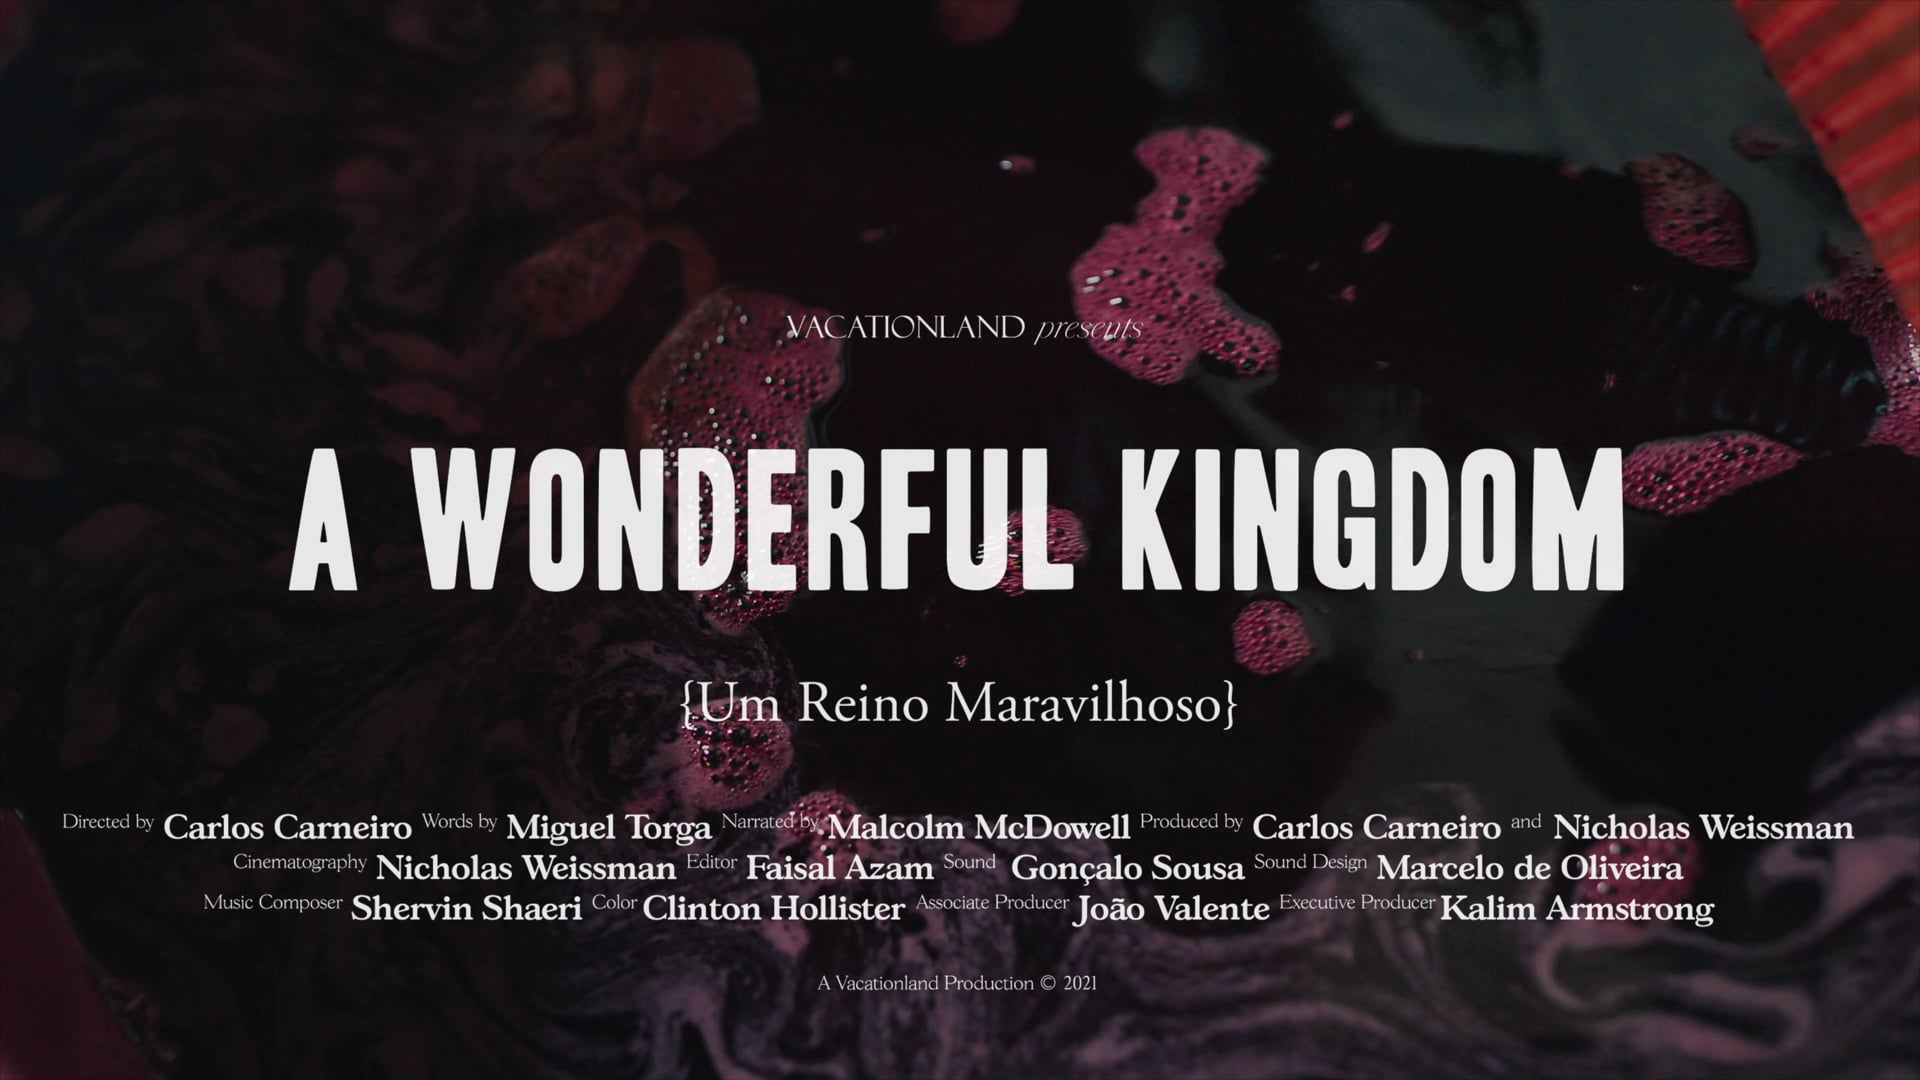 A Wonderful Kingdom [2021, Assistant Editor] 79 min